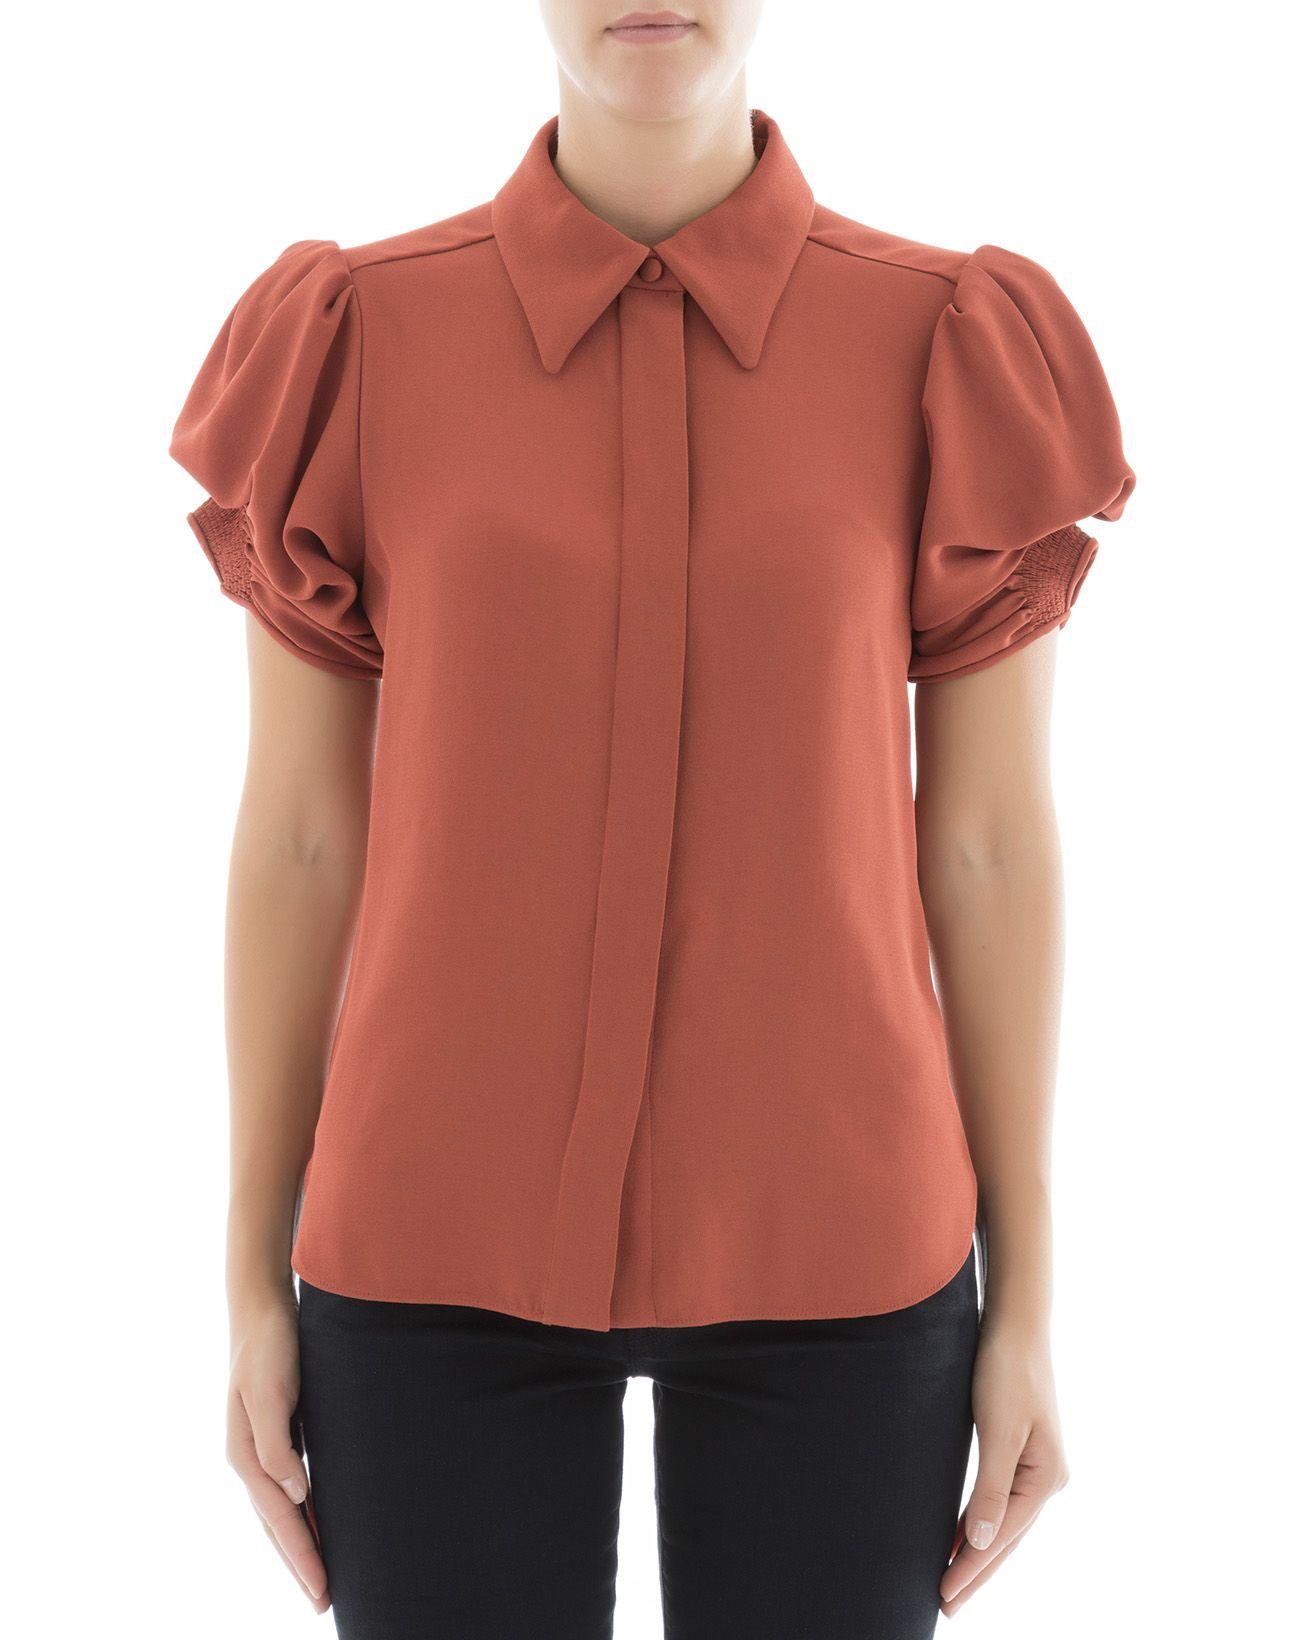 Red Viscose Shirt